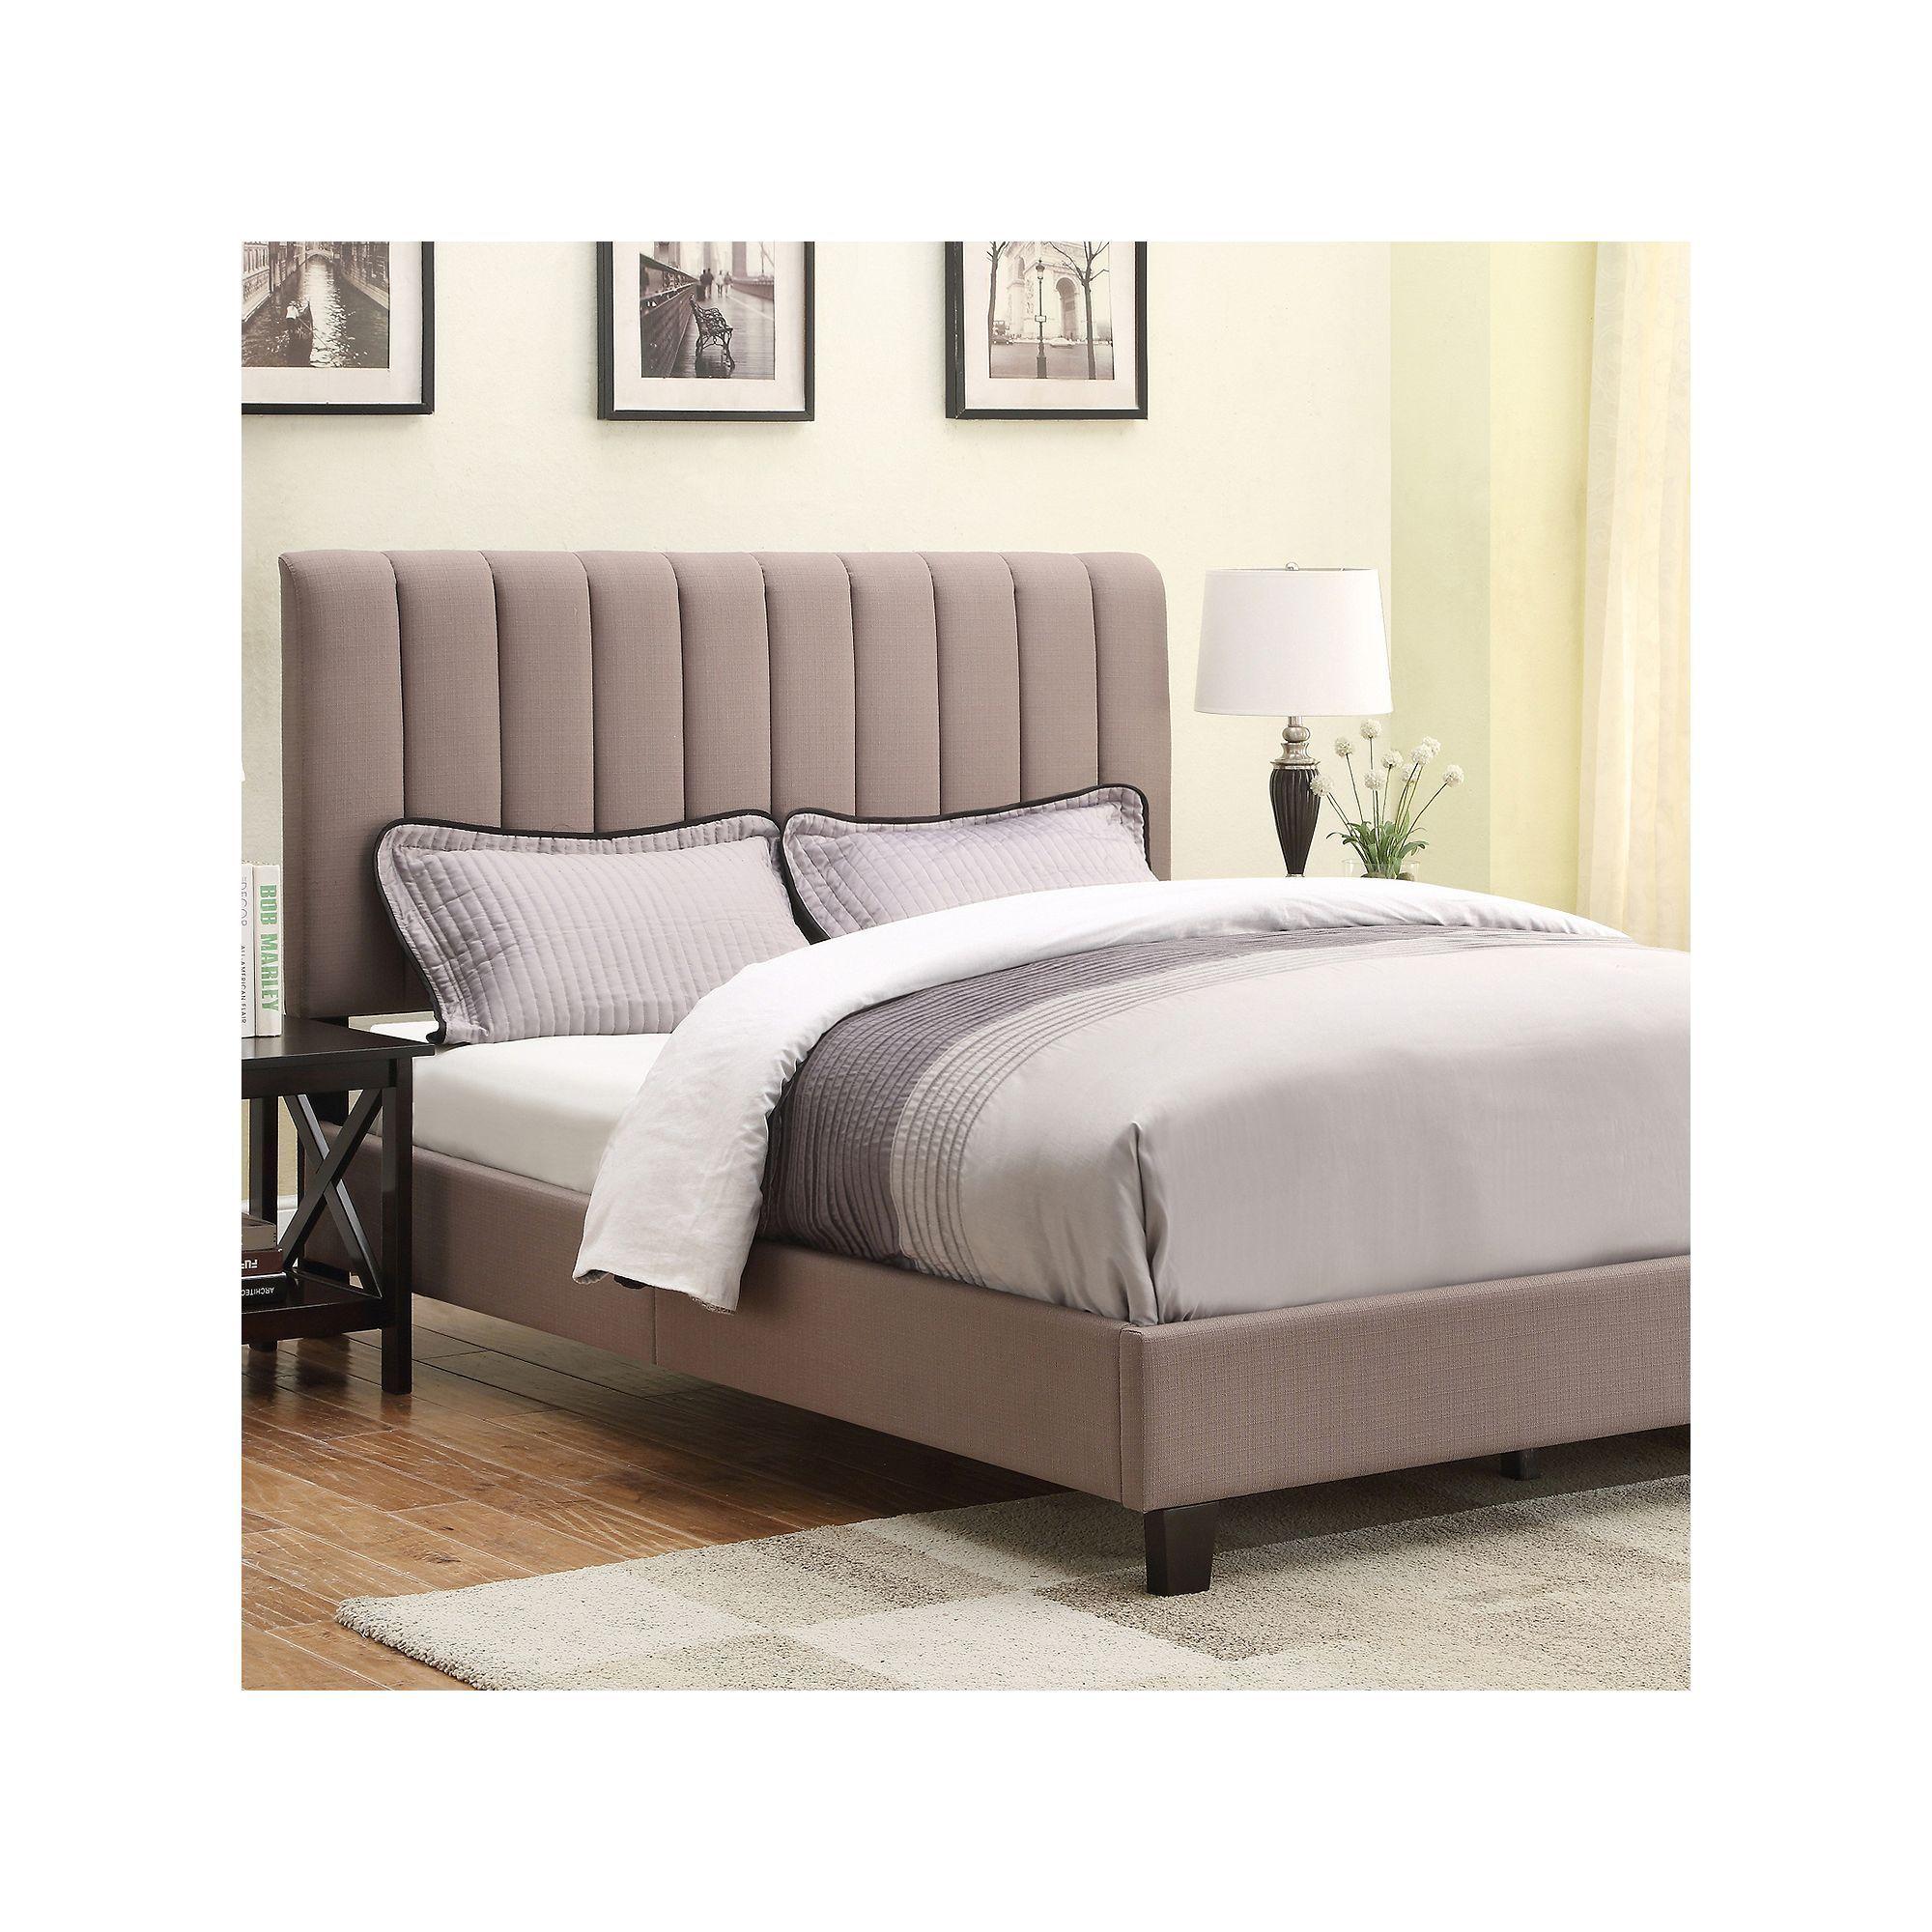 Queen Upholstered Bed Beig Green Beig Khaki King Size Bedroom